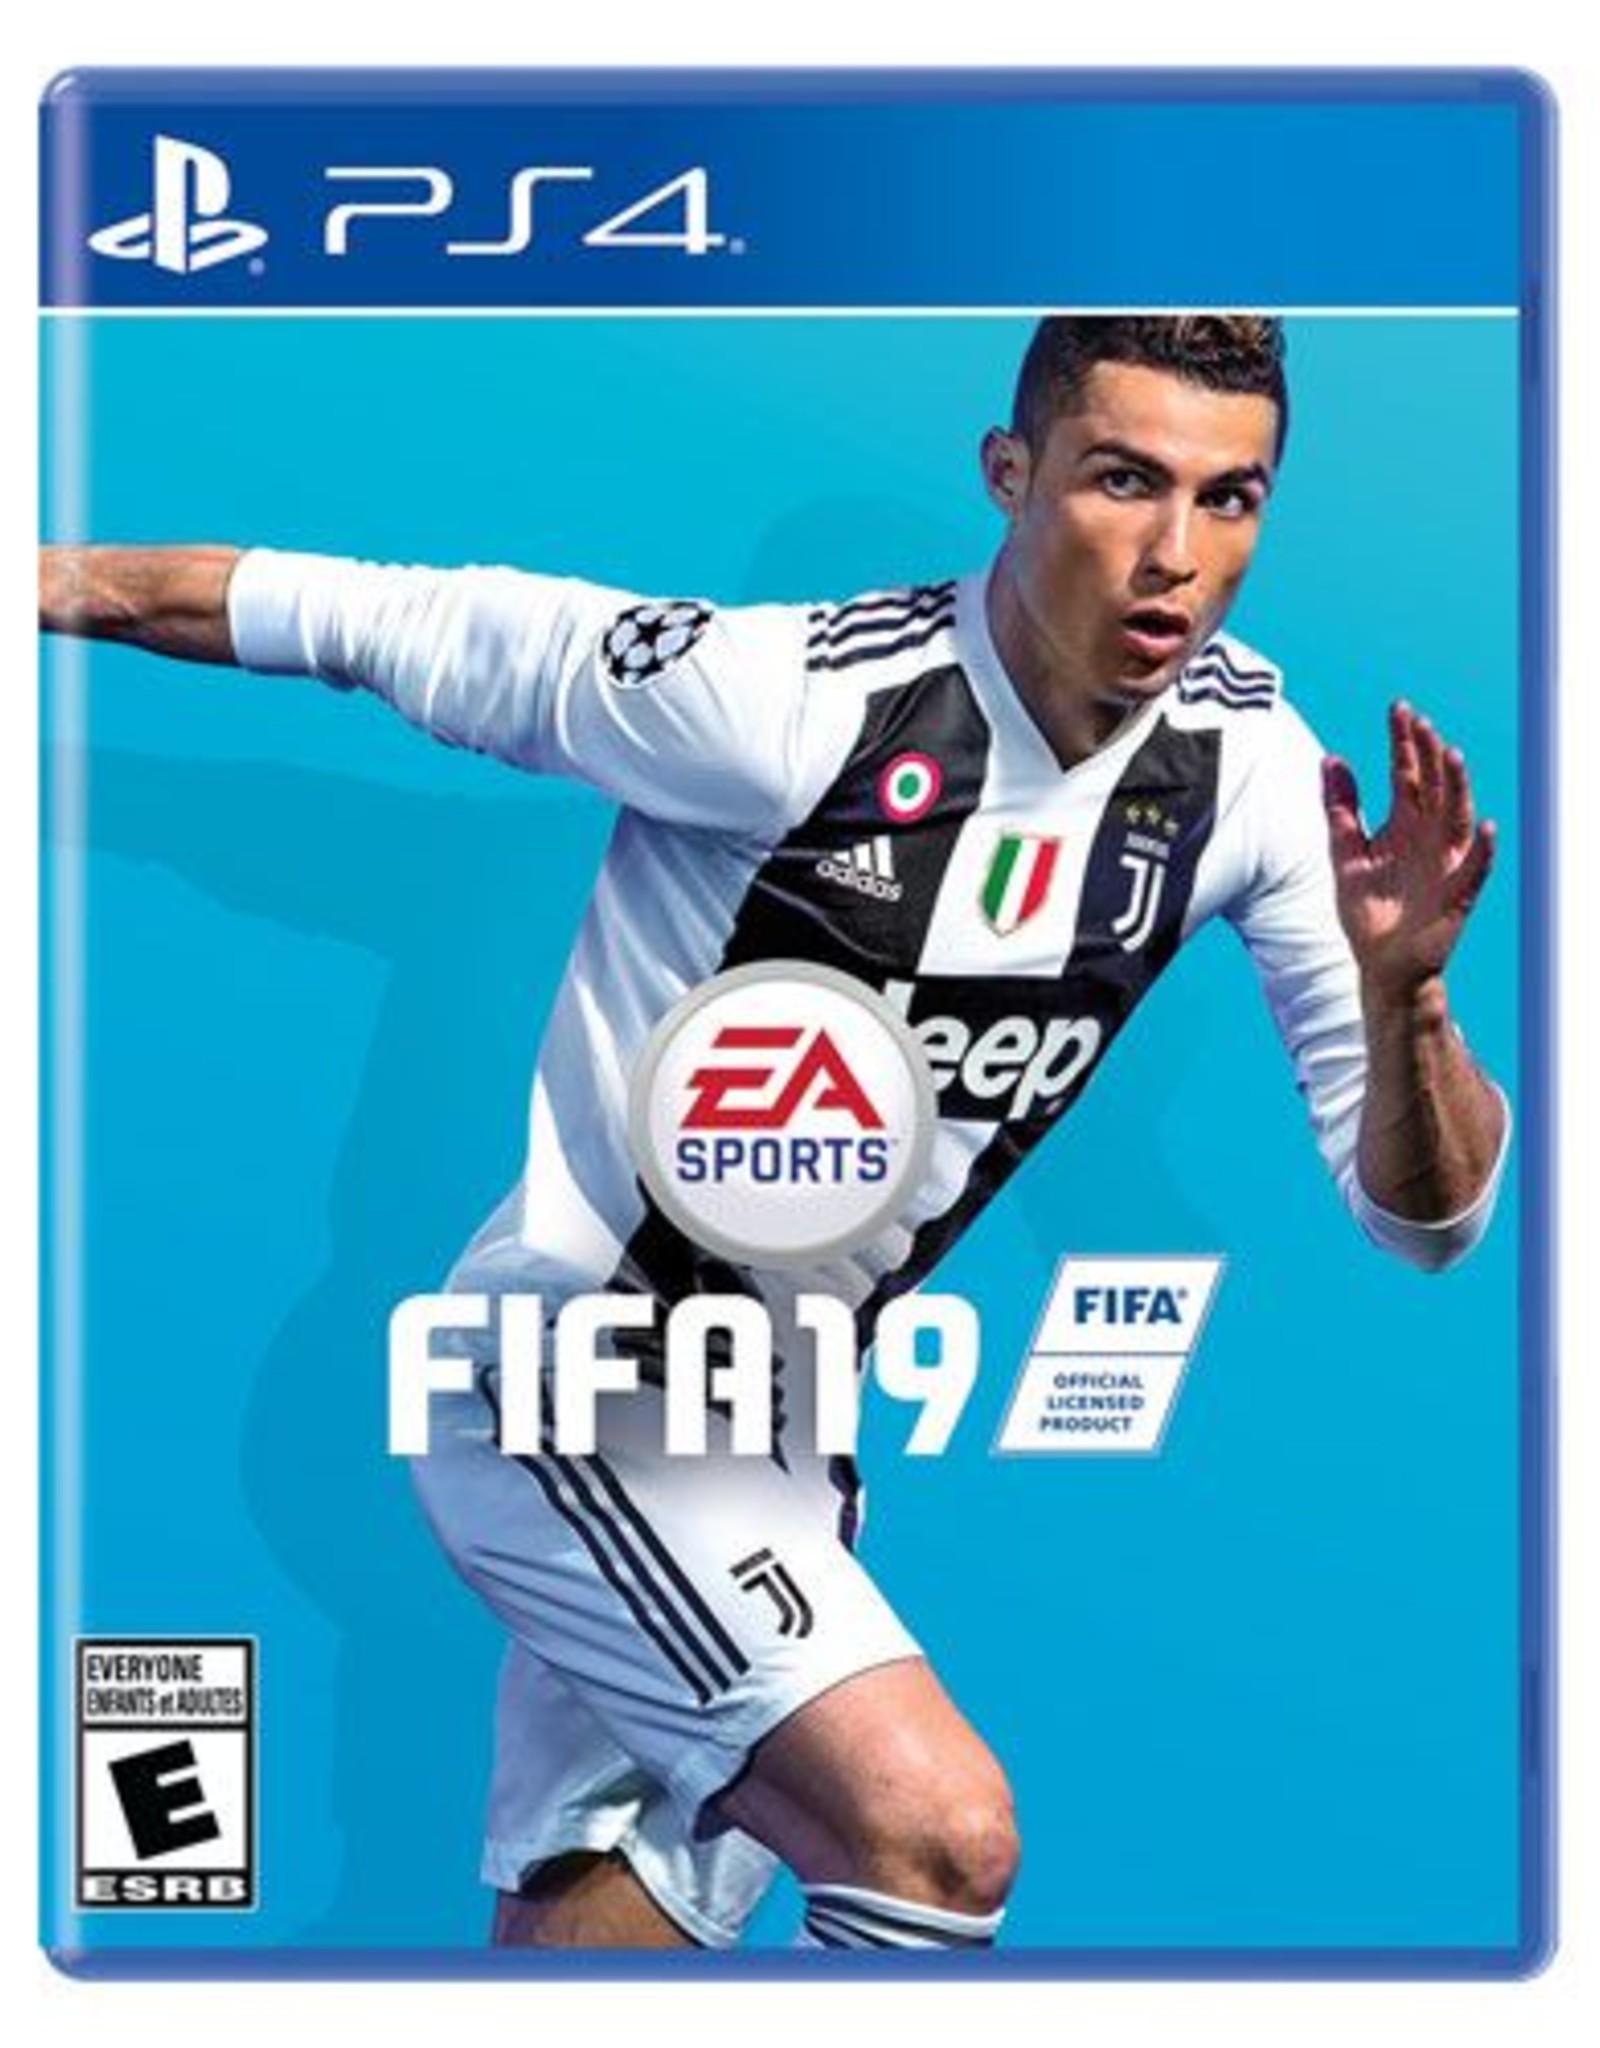 FIFA 19 - PS4 DIGITAL